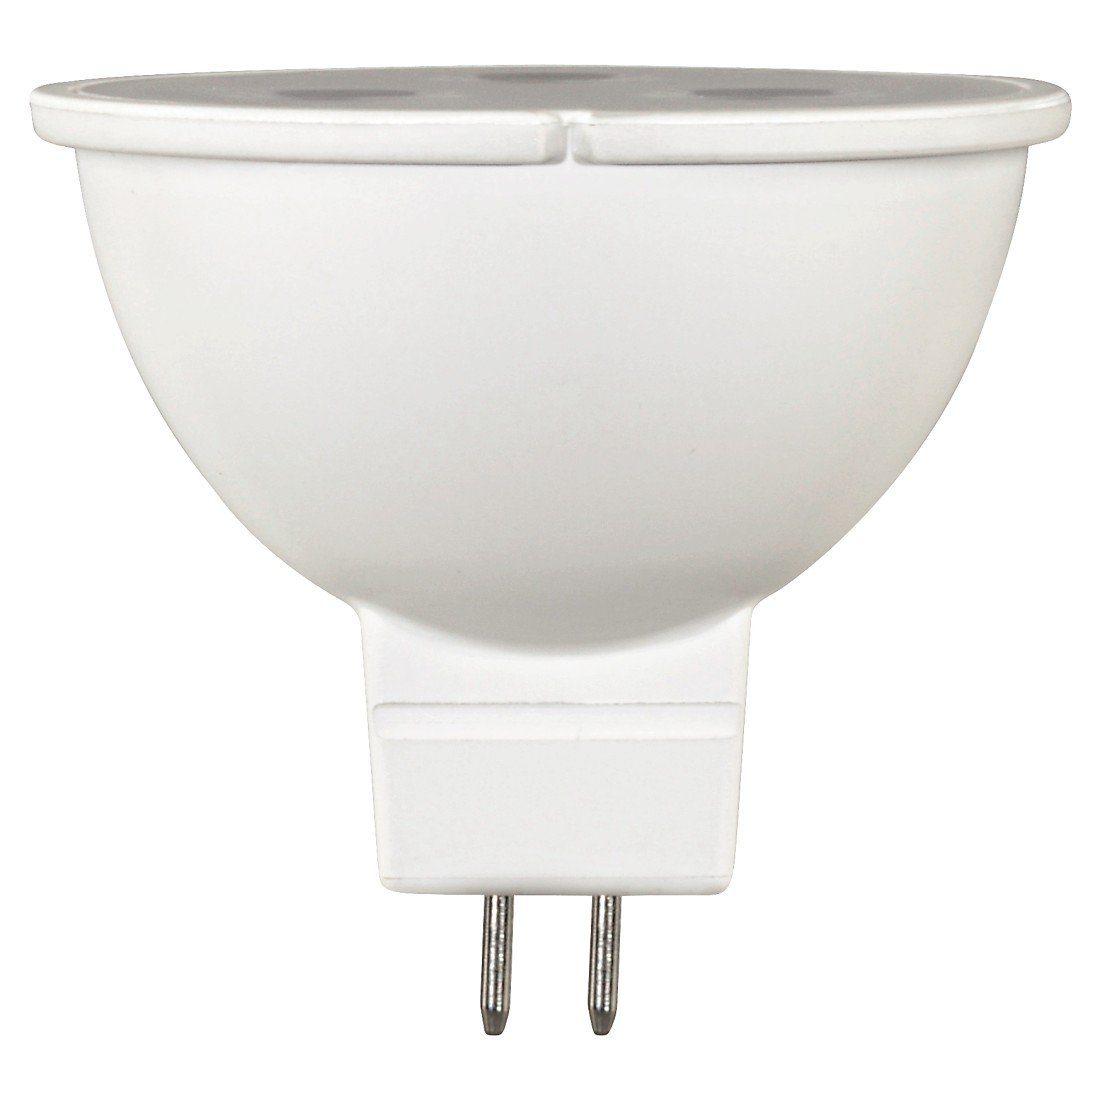 Xavax LED-Reflektorlampe, 3,9W, GU5,3, MR16, Warmweiß